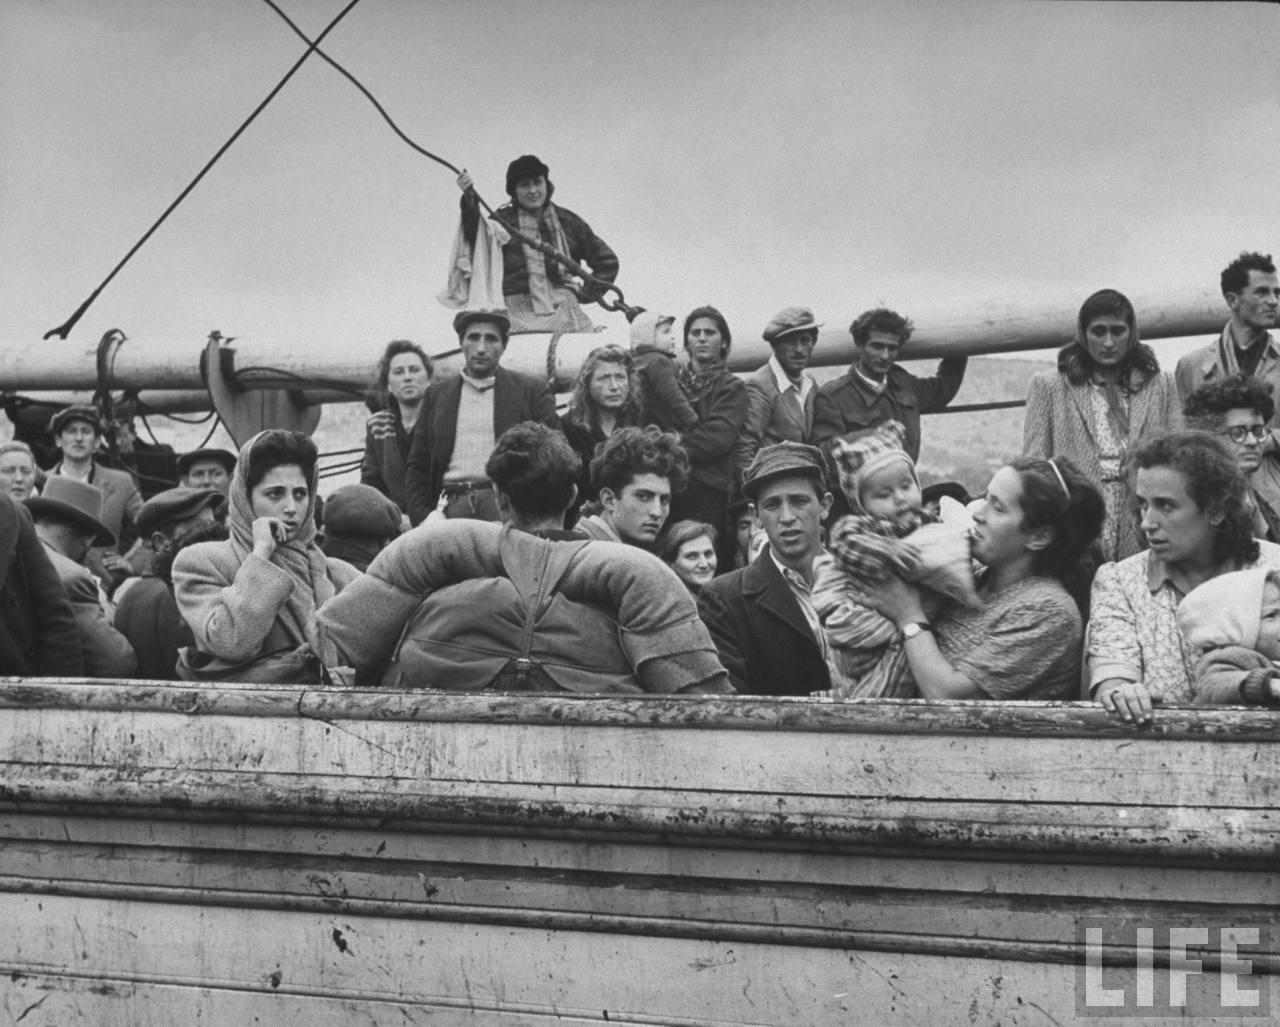 Еврейские иммигранты на борту захваченного судна. Хайфа. Апрель